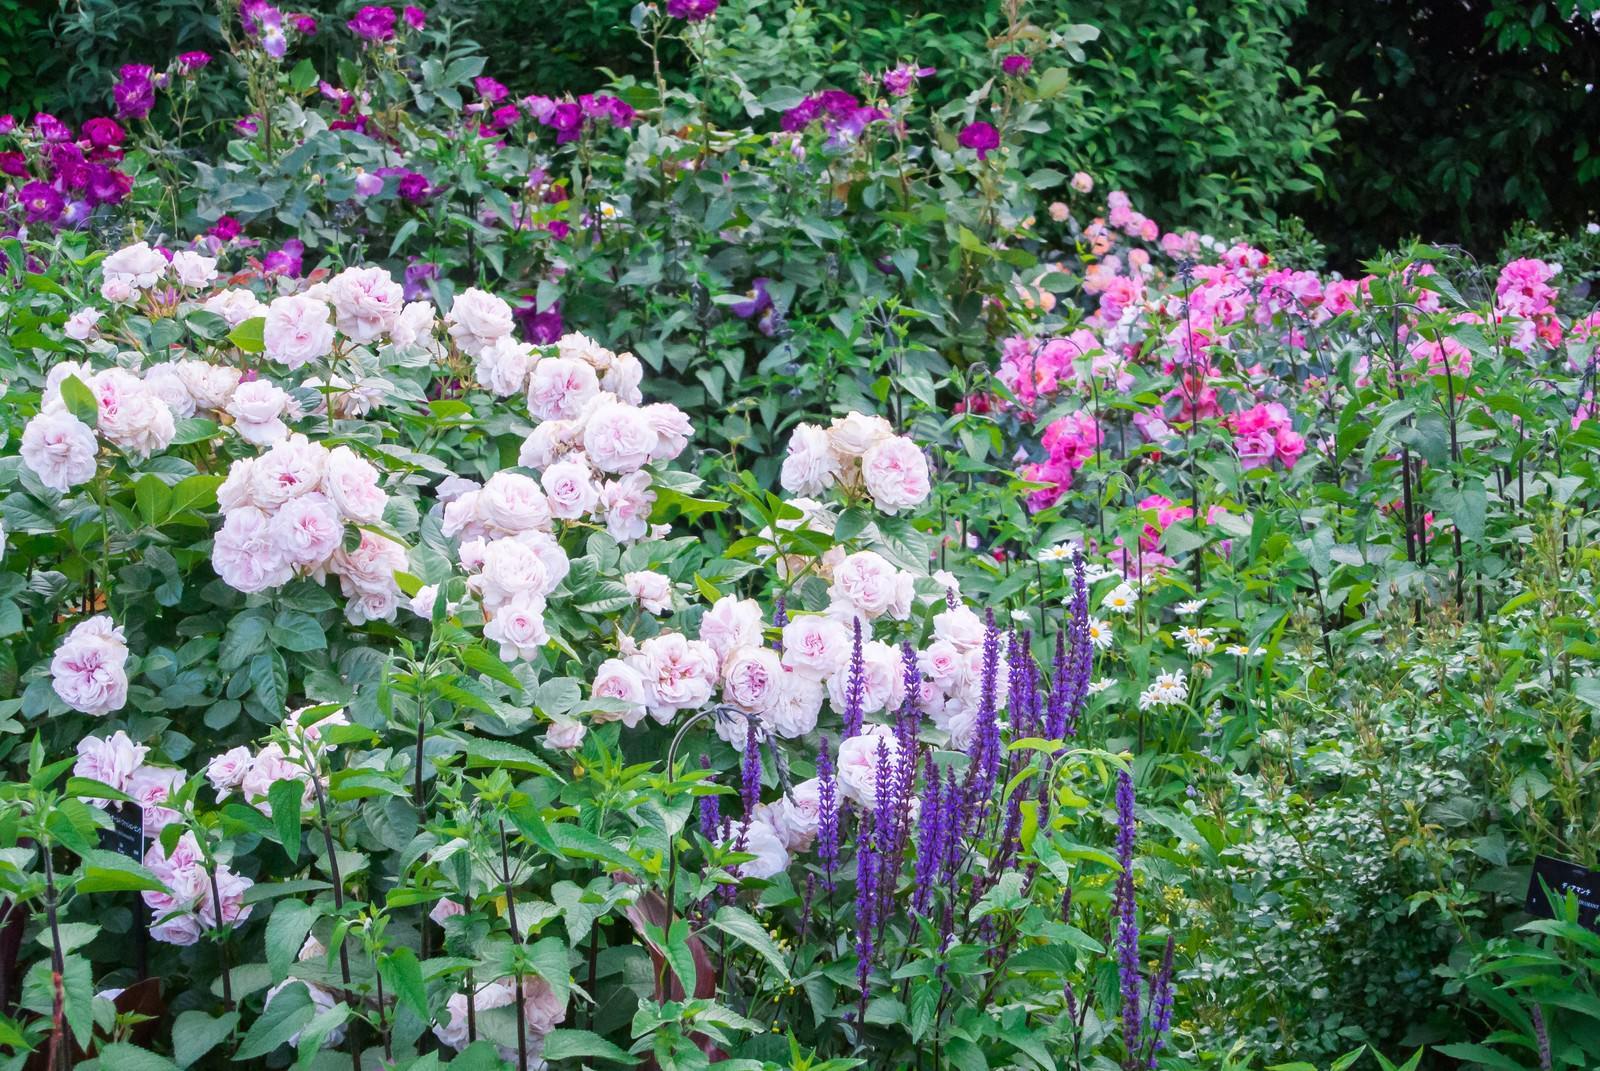 「バラの咲く庭」の写真